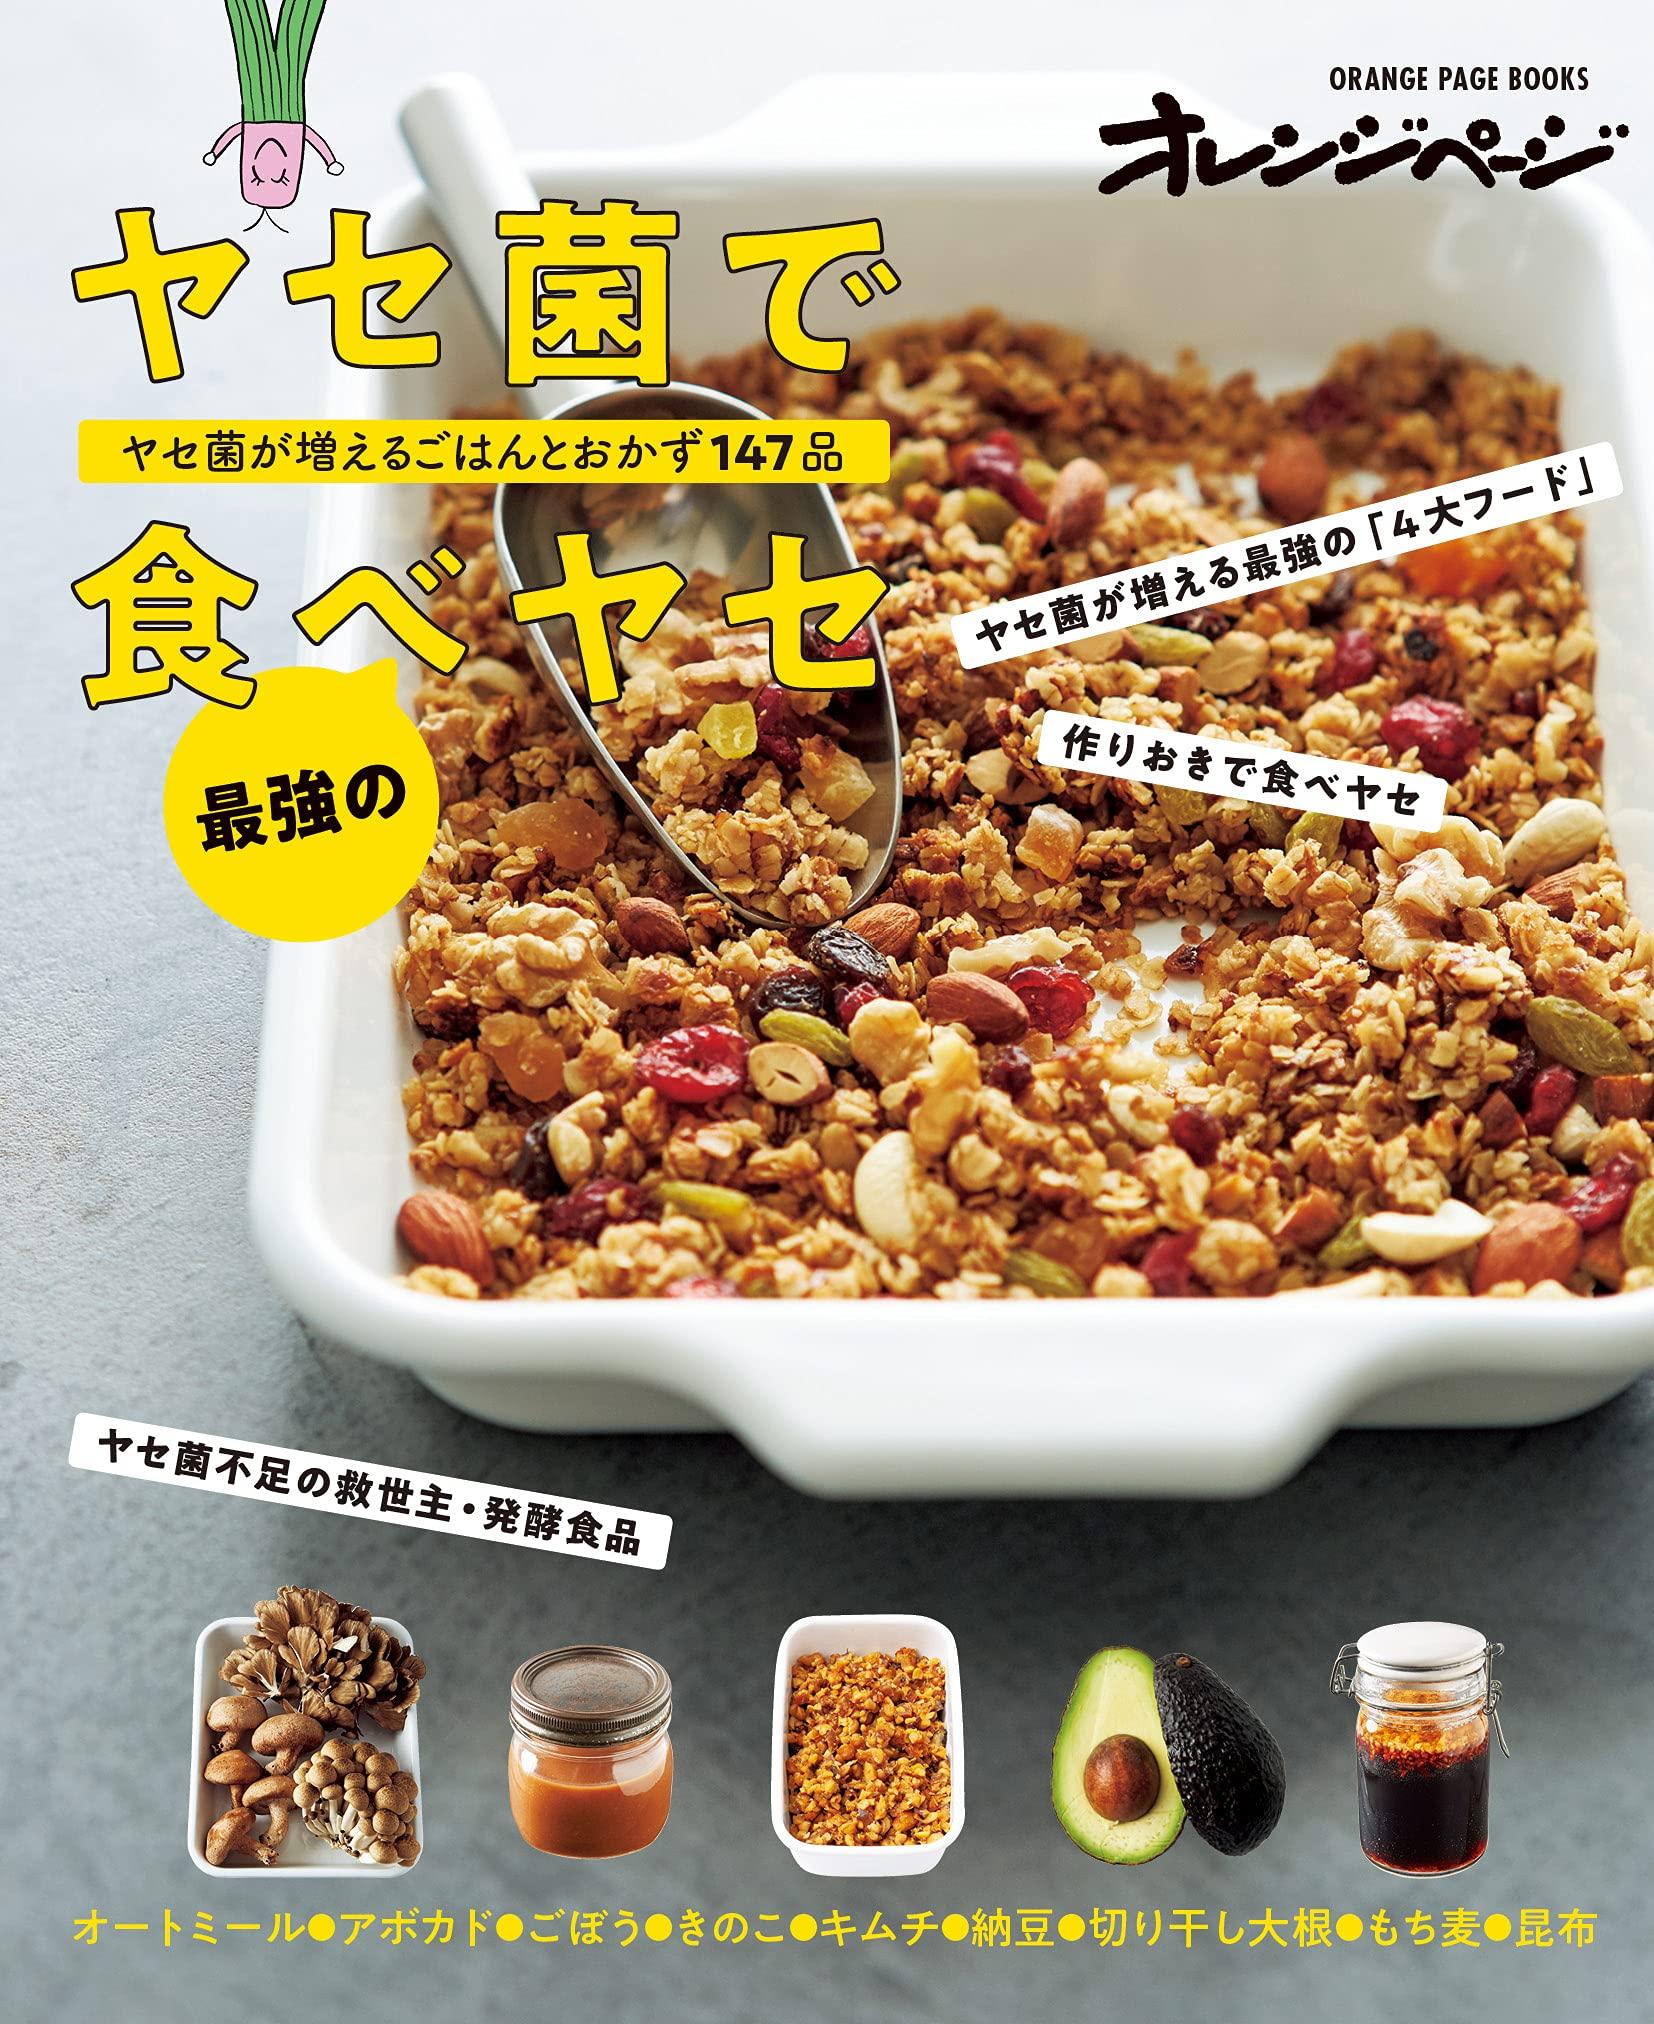 2週間でヤセやすい体質に『ヤセ菌で最強の食べヤセ』